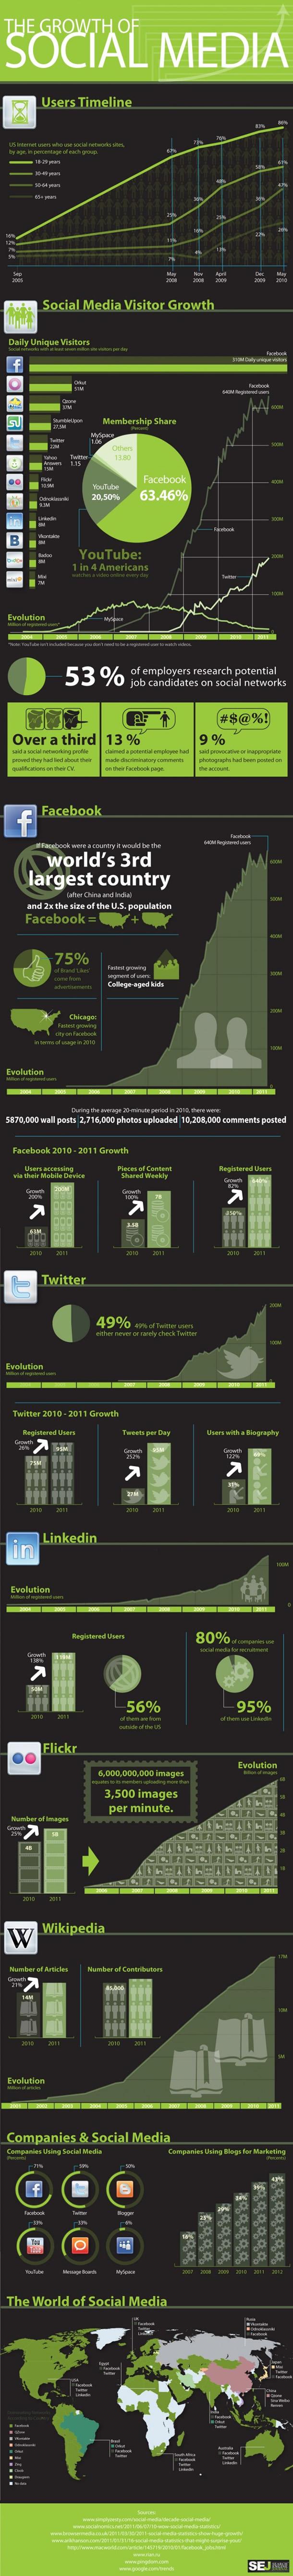 Crecimiento de las Redes Sociales